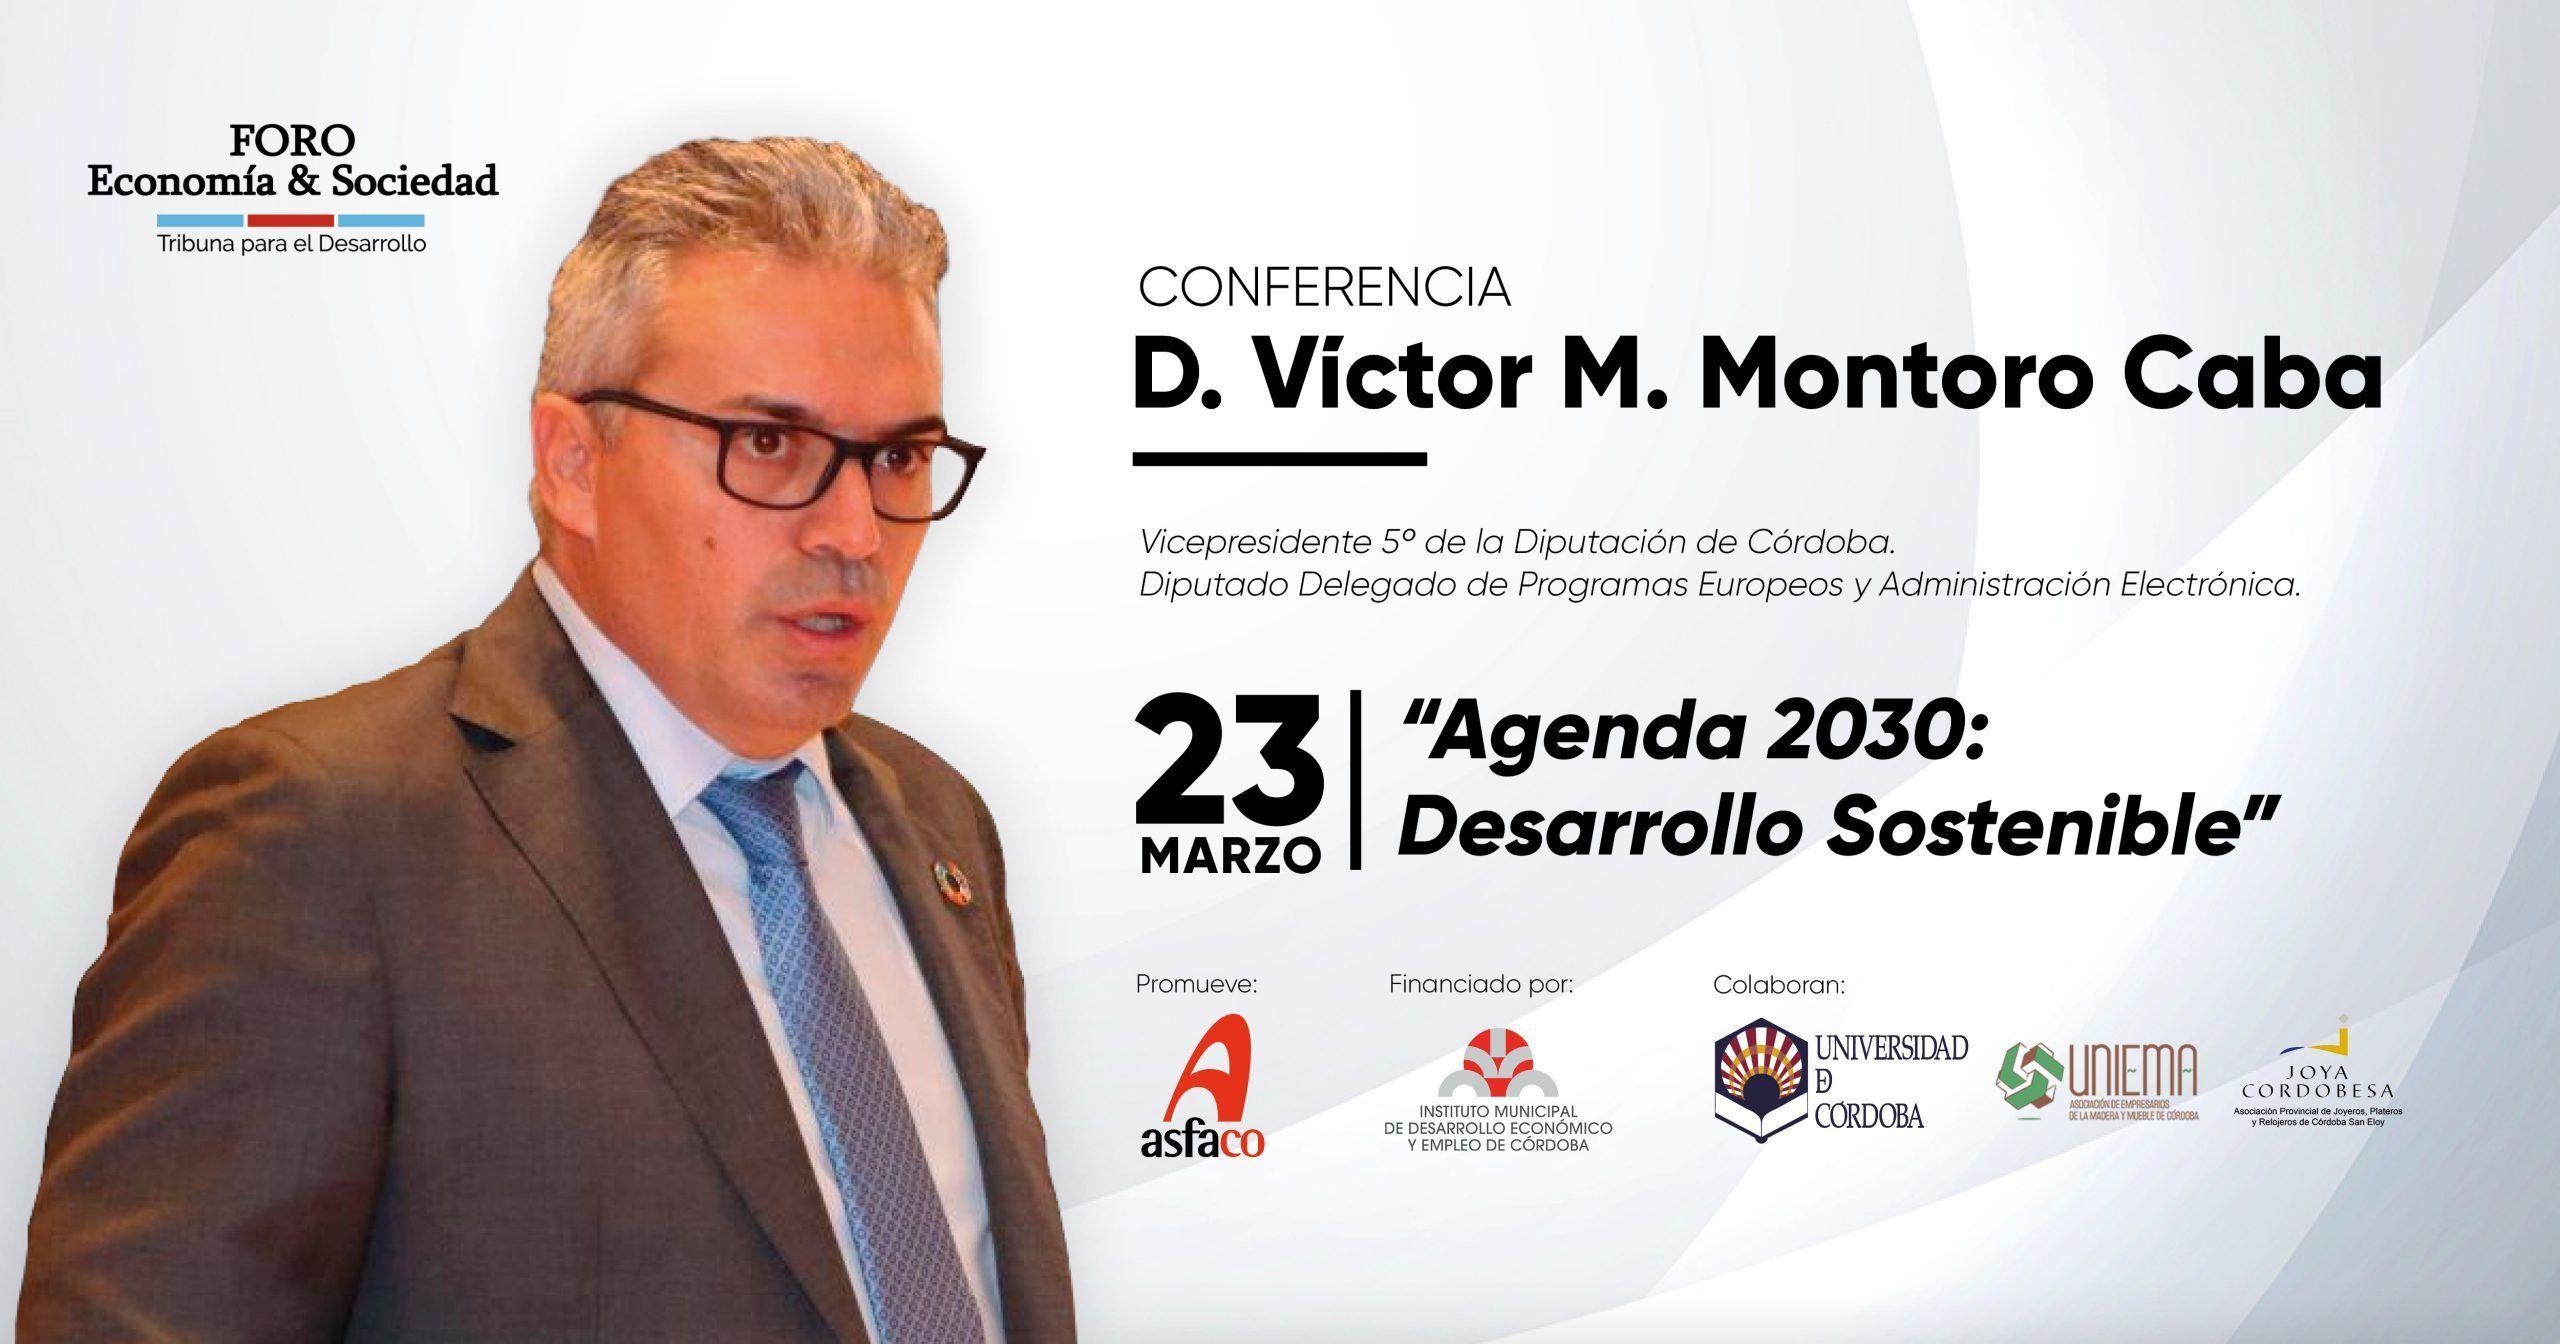 Agenda 2030: Desarrollo sostenible